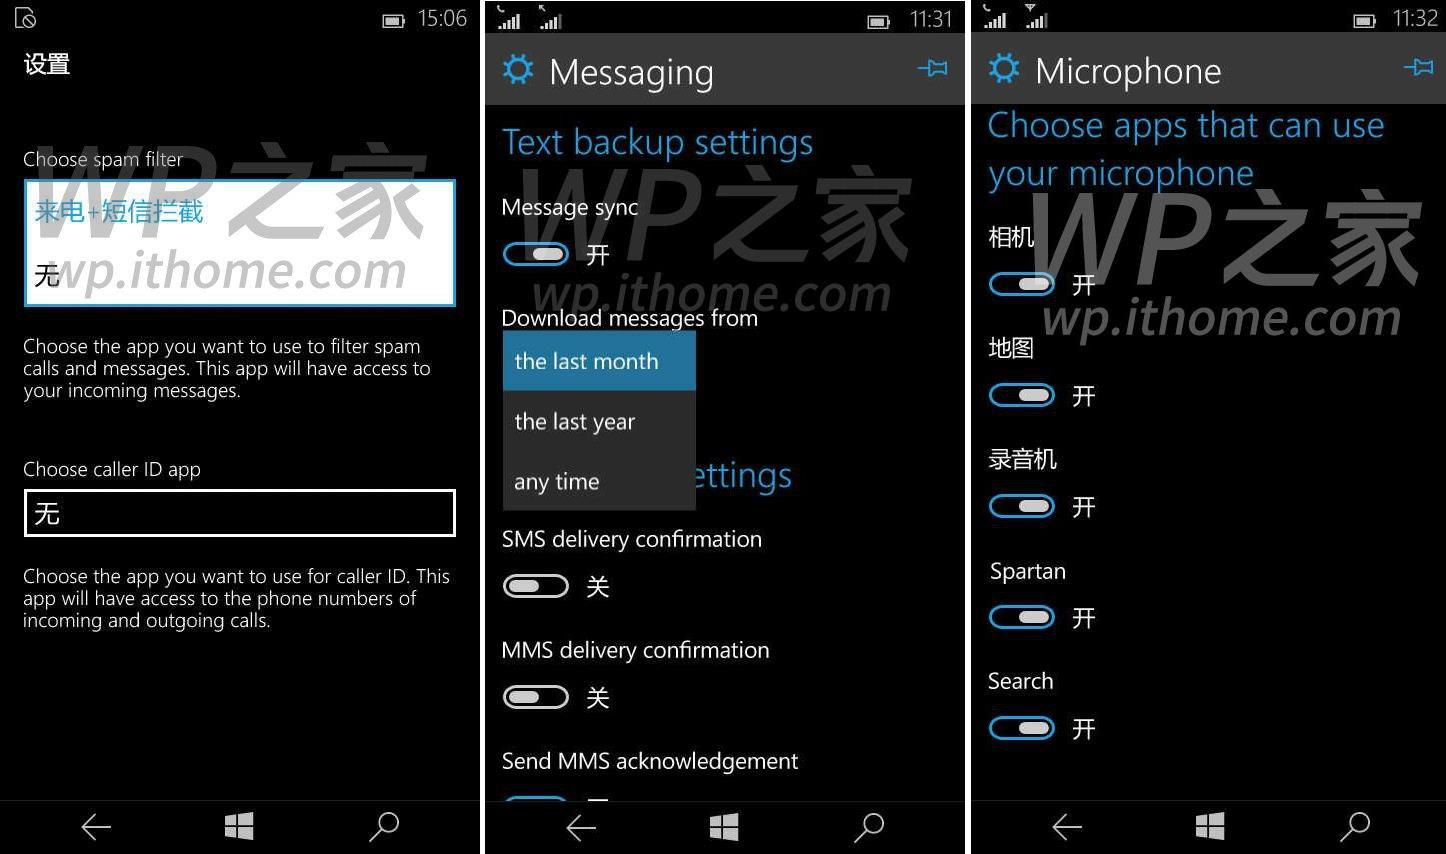 Noul build Windows 10 Mobile apare în capturi de ecran; browser-ul Spartan este prezent la pachet